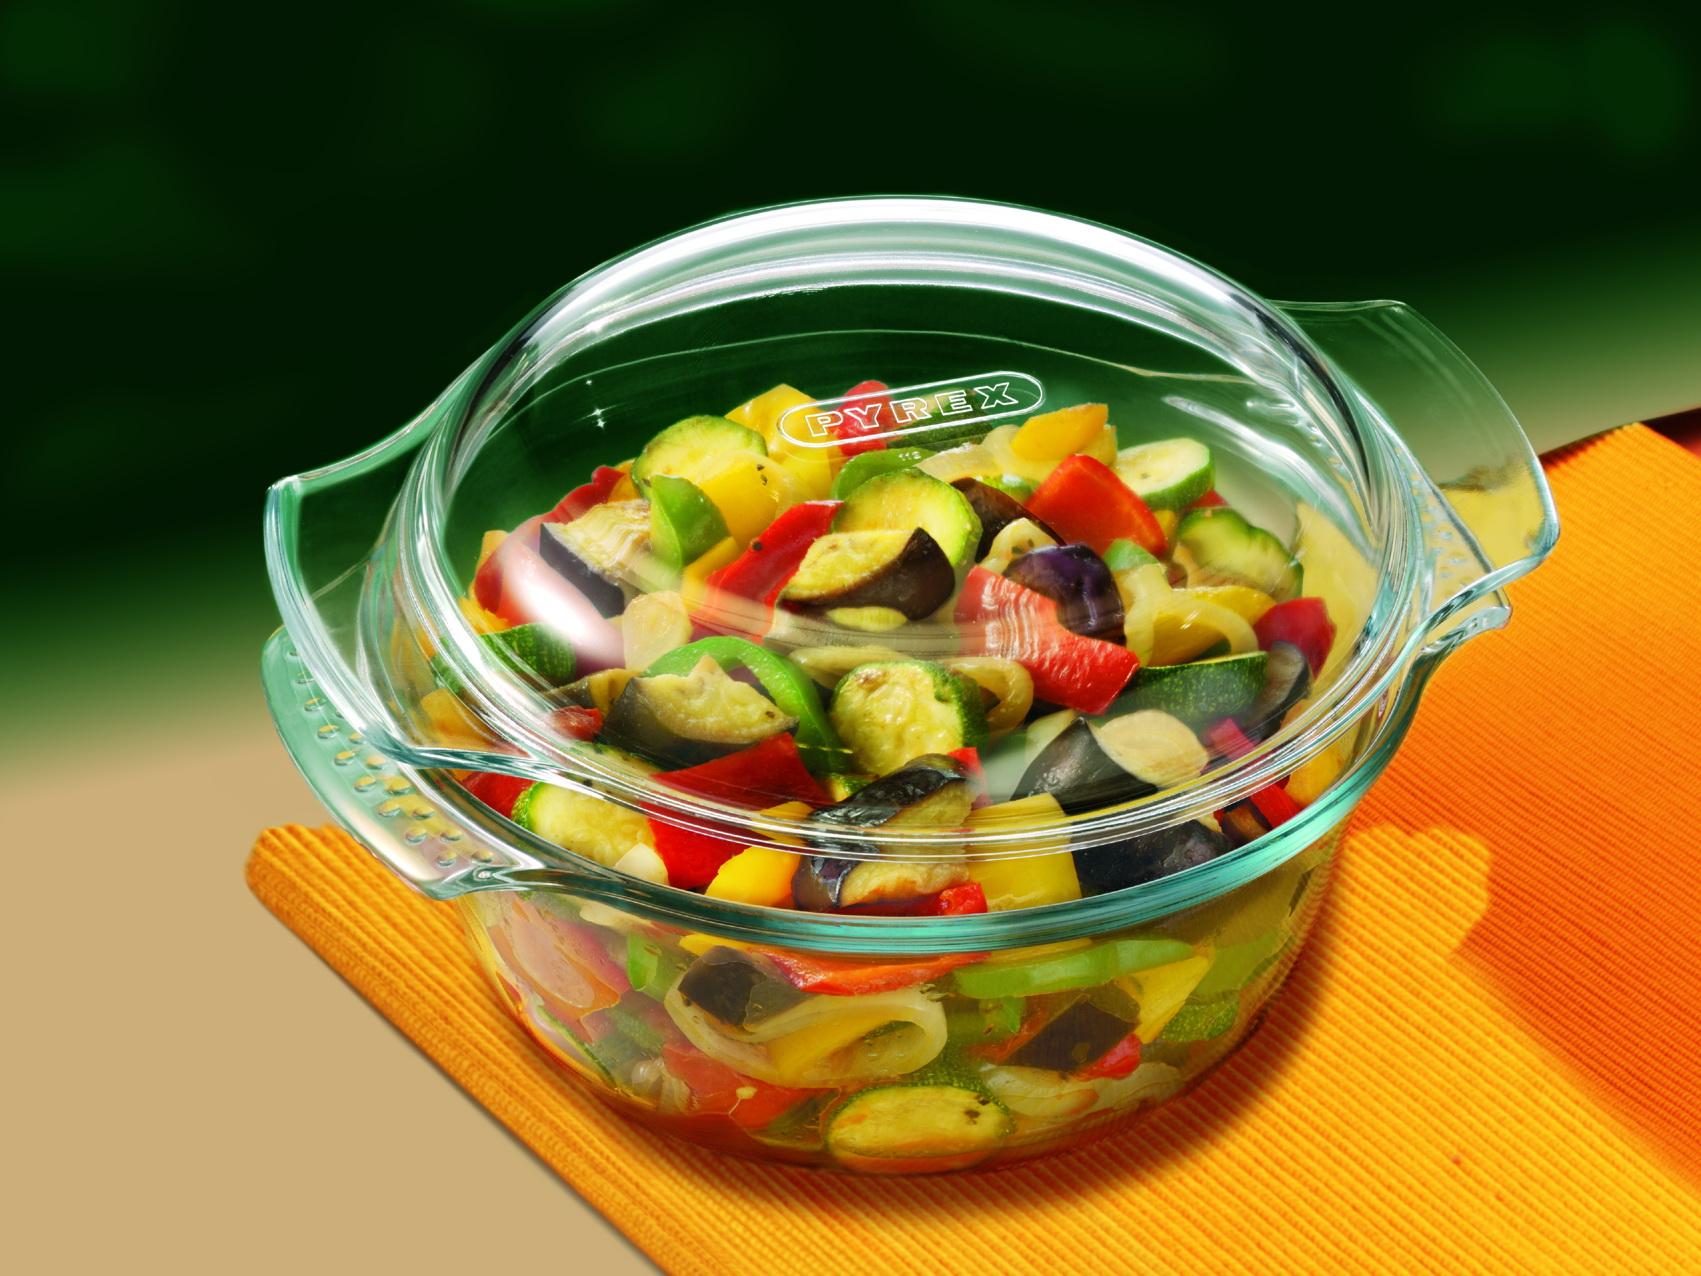 Стеклянная посуда с овощами